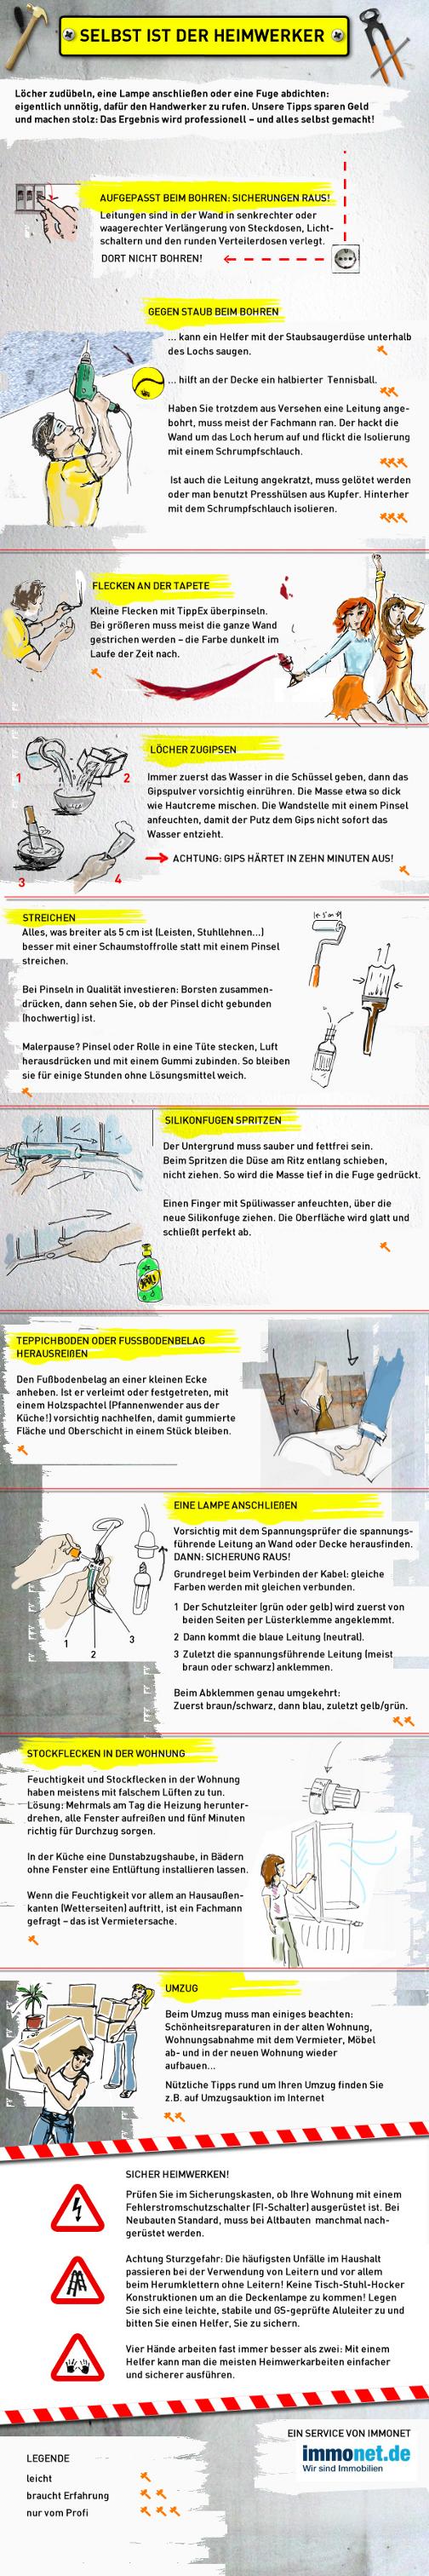 infografik Selbst ist der Heimwerker.